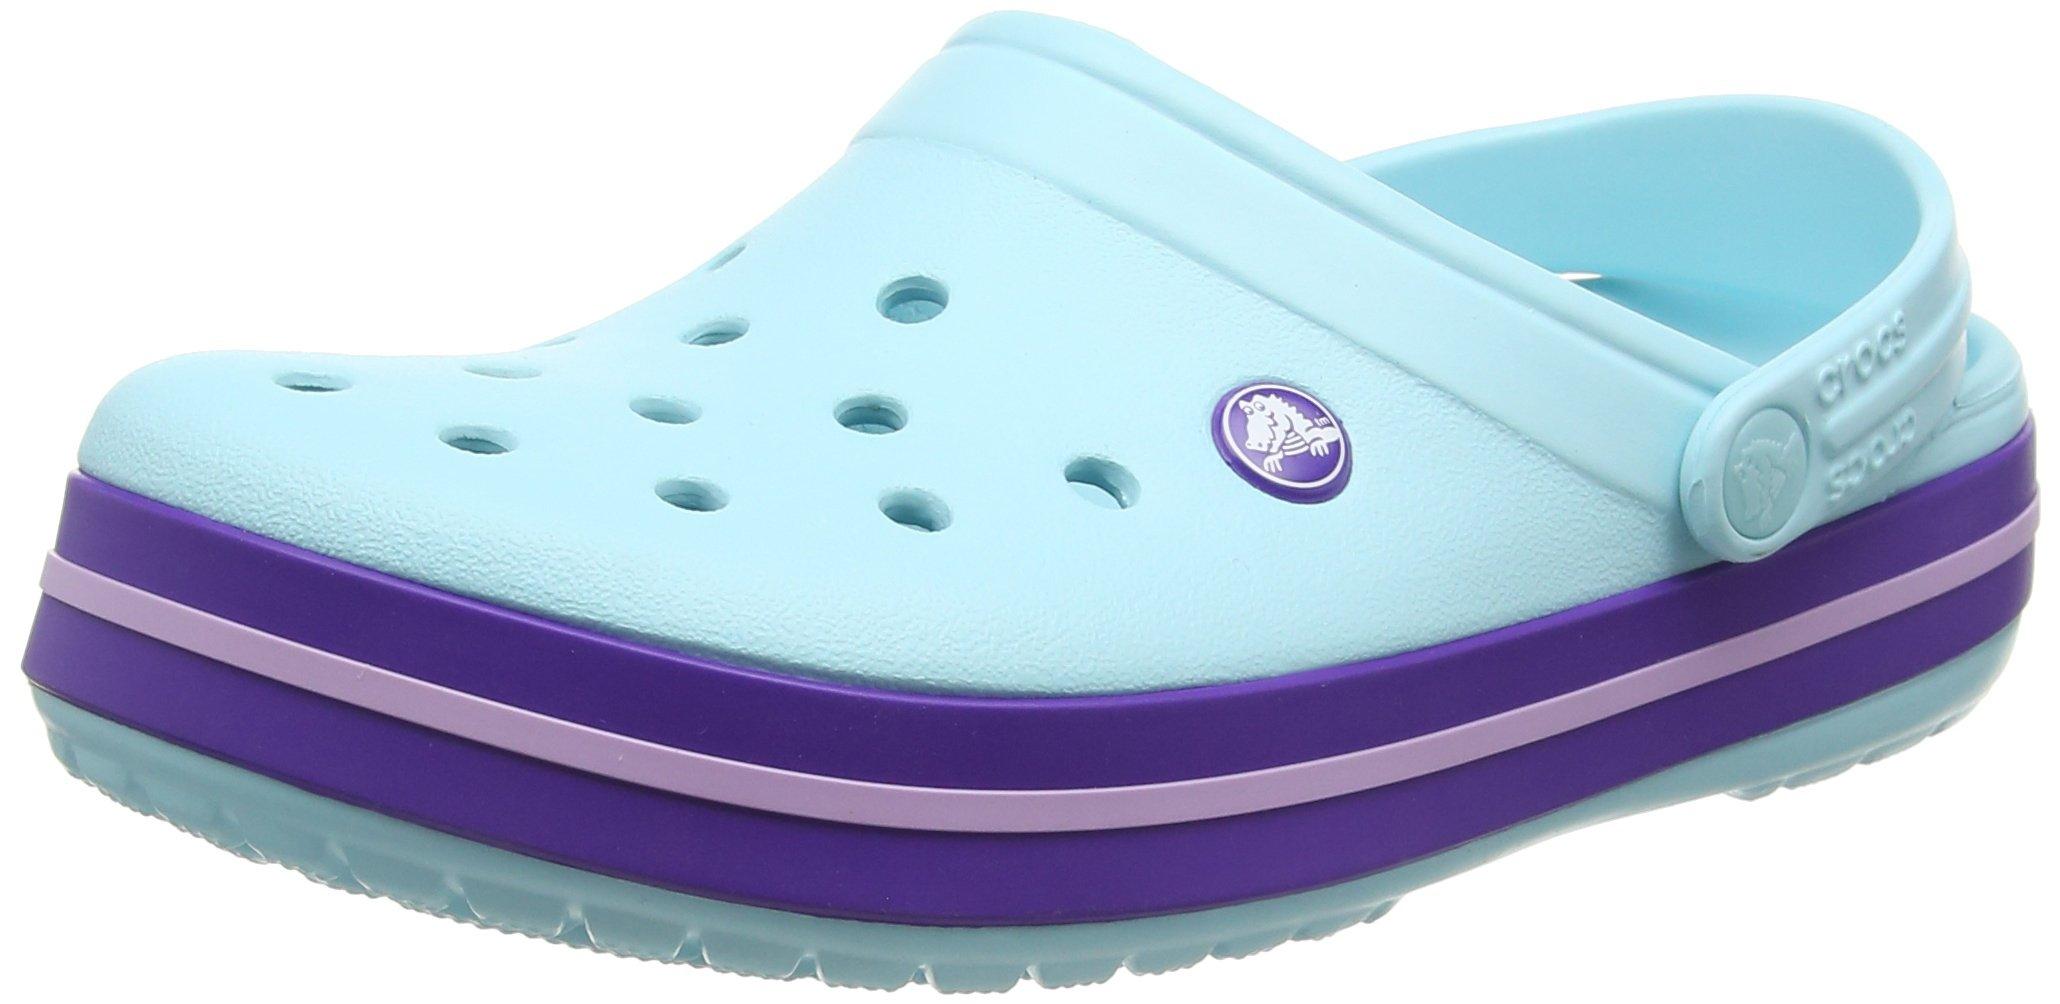 Crocs Crocband Ice Blue Low Top Rubber Flat Shoe - 7M/5M